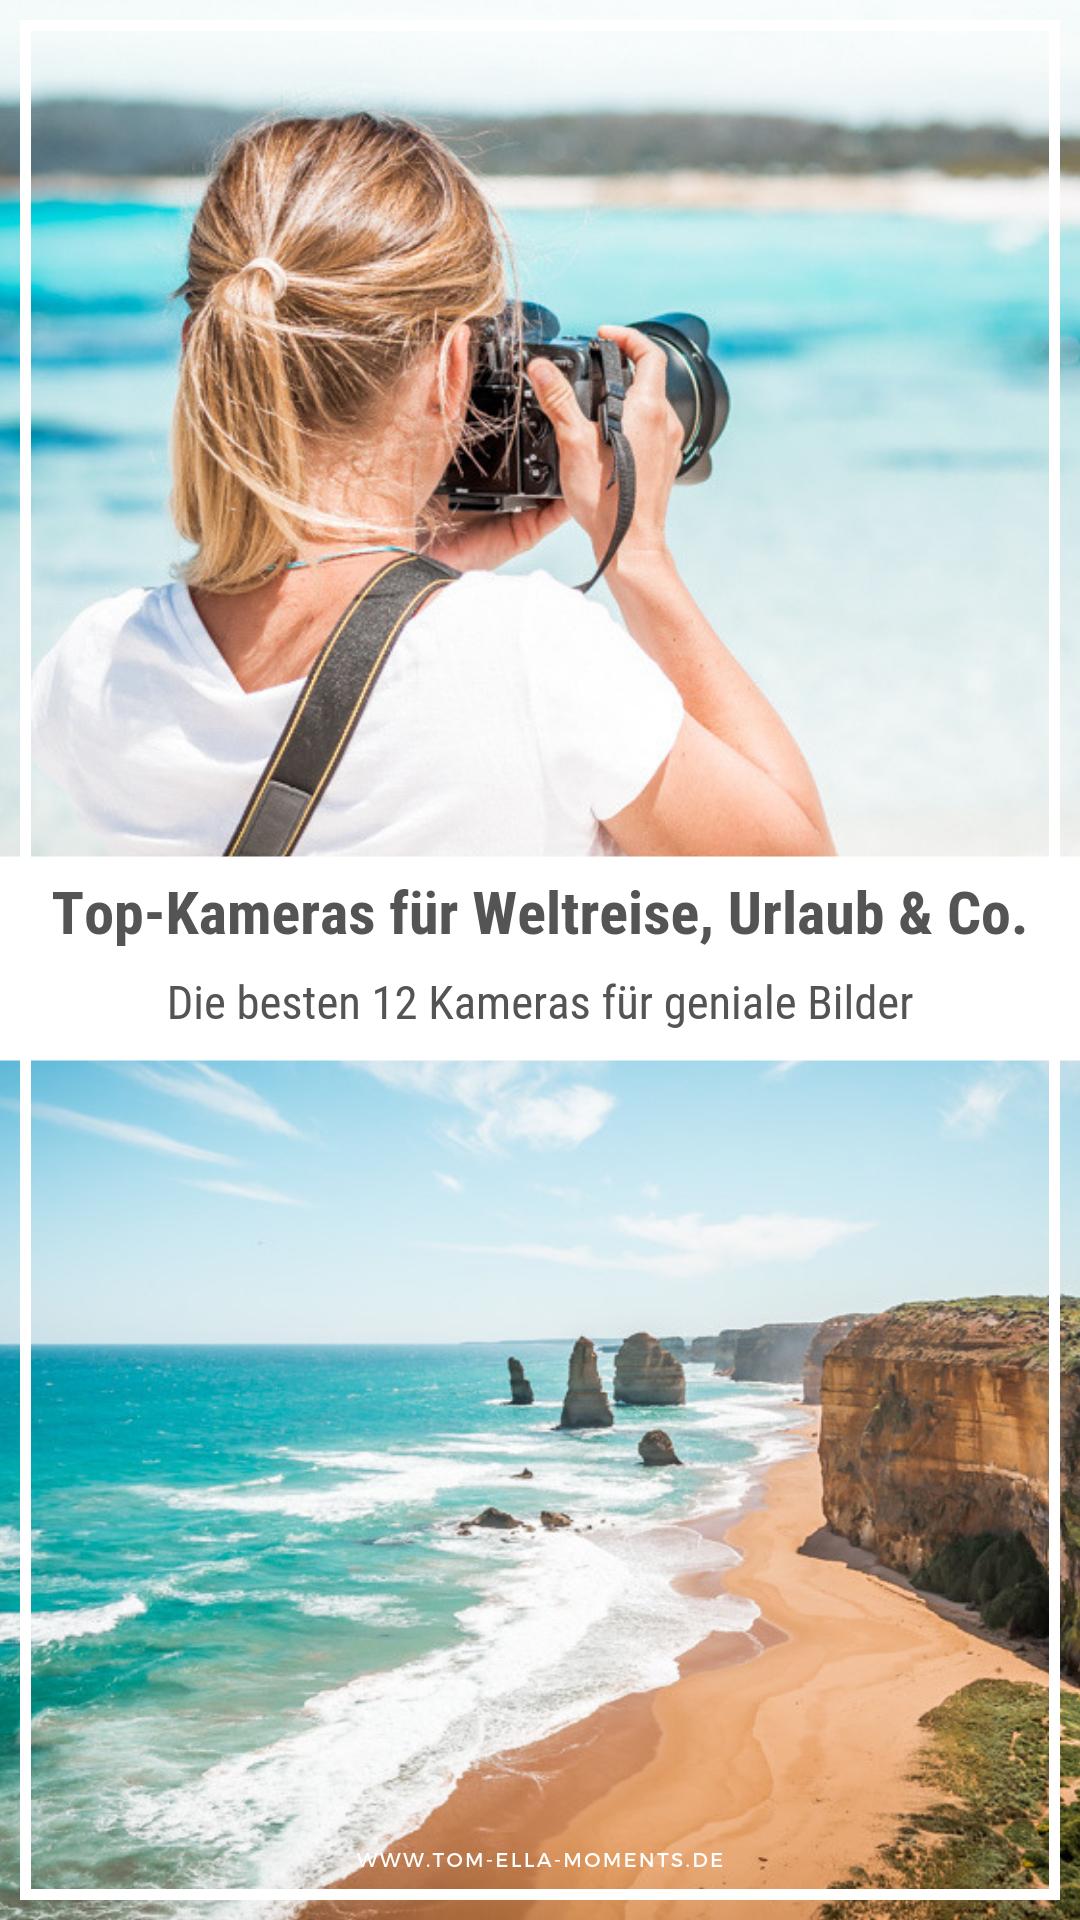 Beste Reisekamera 2020 Finde Die Beste Kamera Fur Deine Reise Reisekamera Reisen Gute Reise Bilder